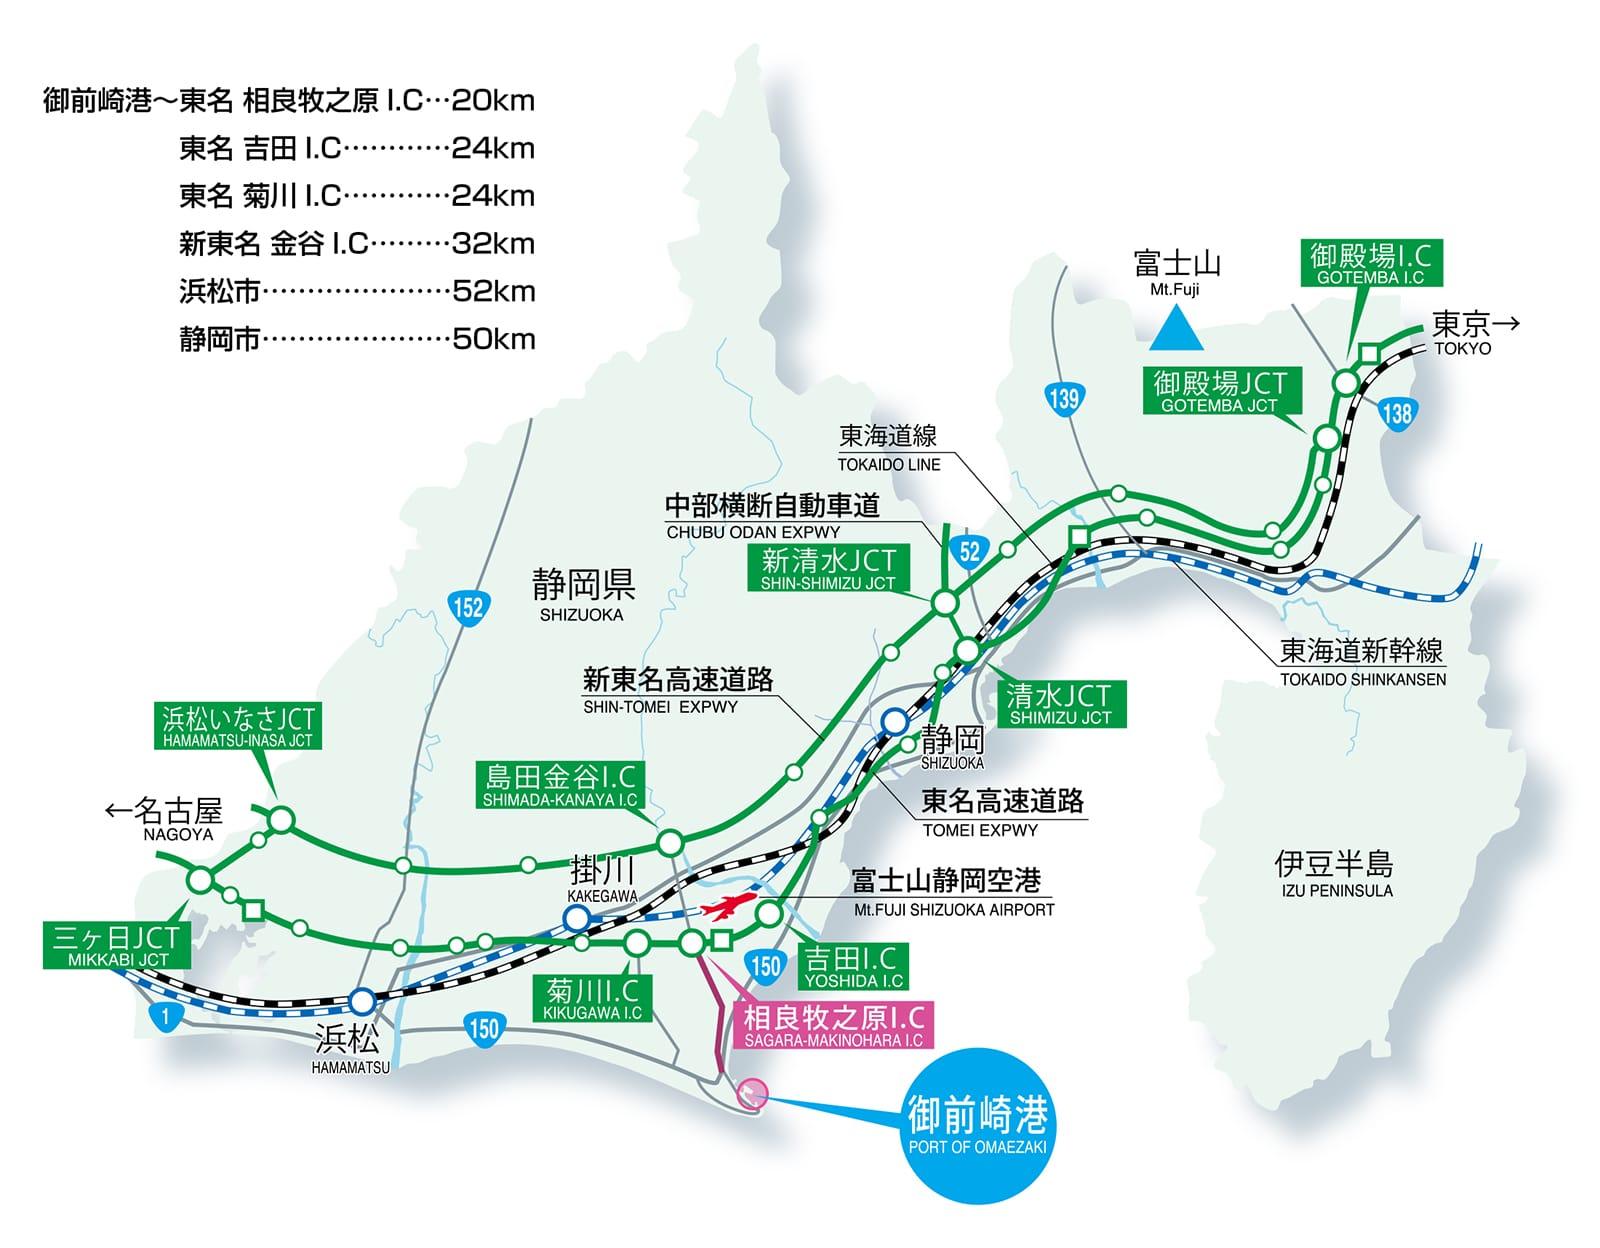 御前崎港から静岡各都市までの陸路